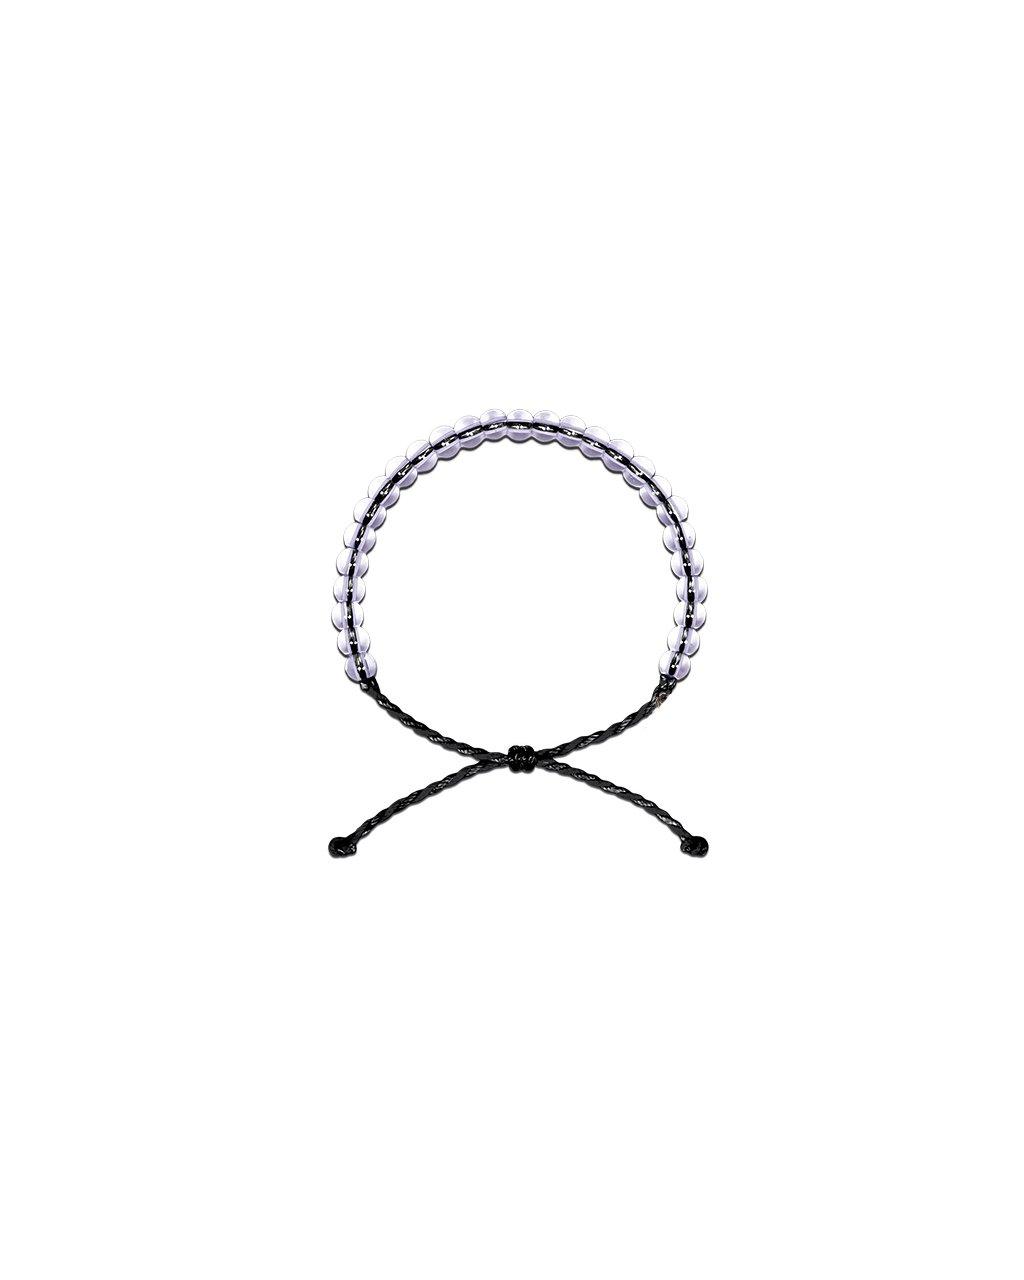 Jemný provázkový náramek s korálky čirého křišťálu - černý